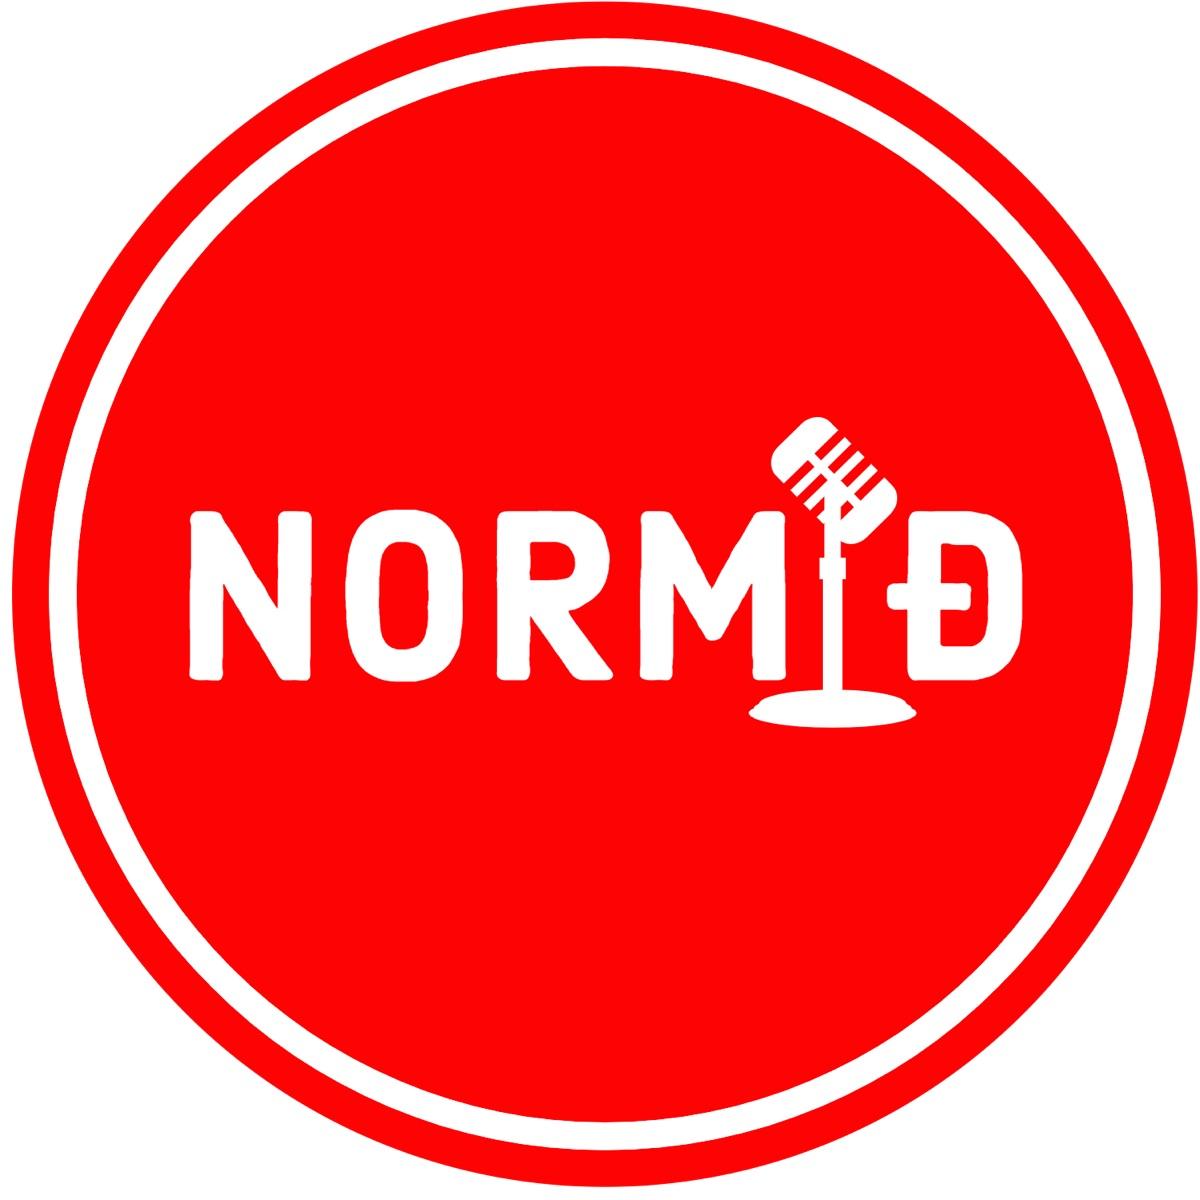 Normið